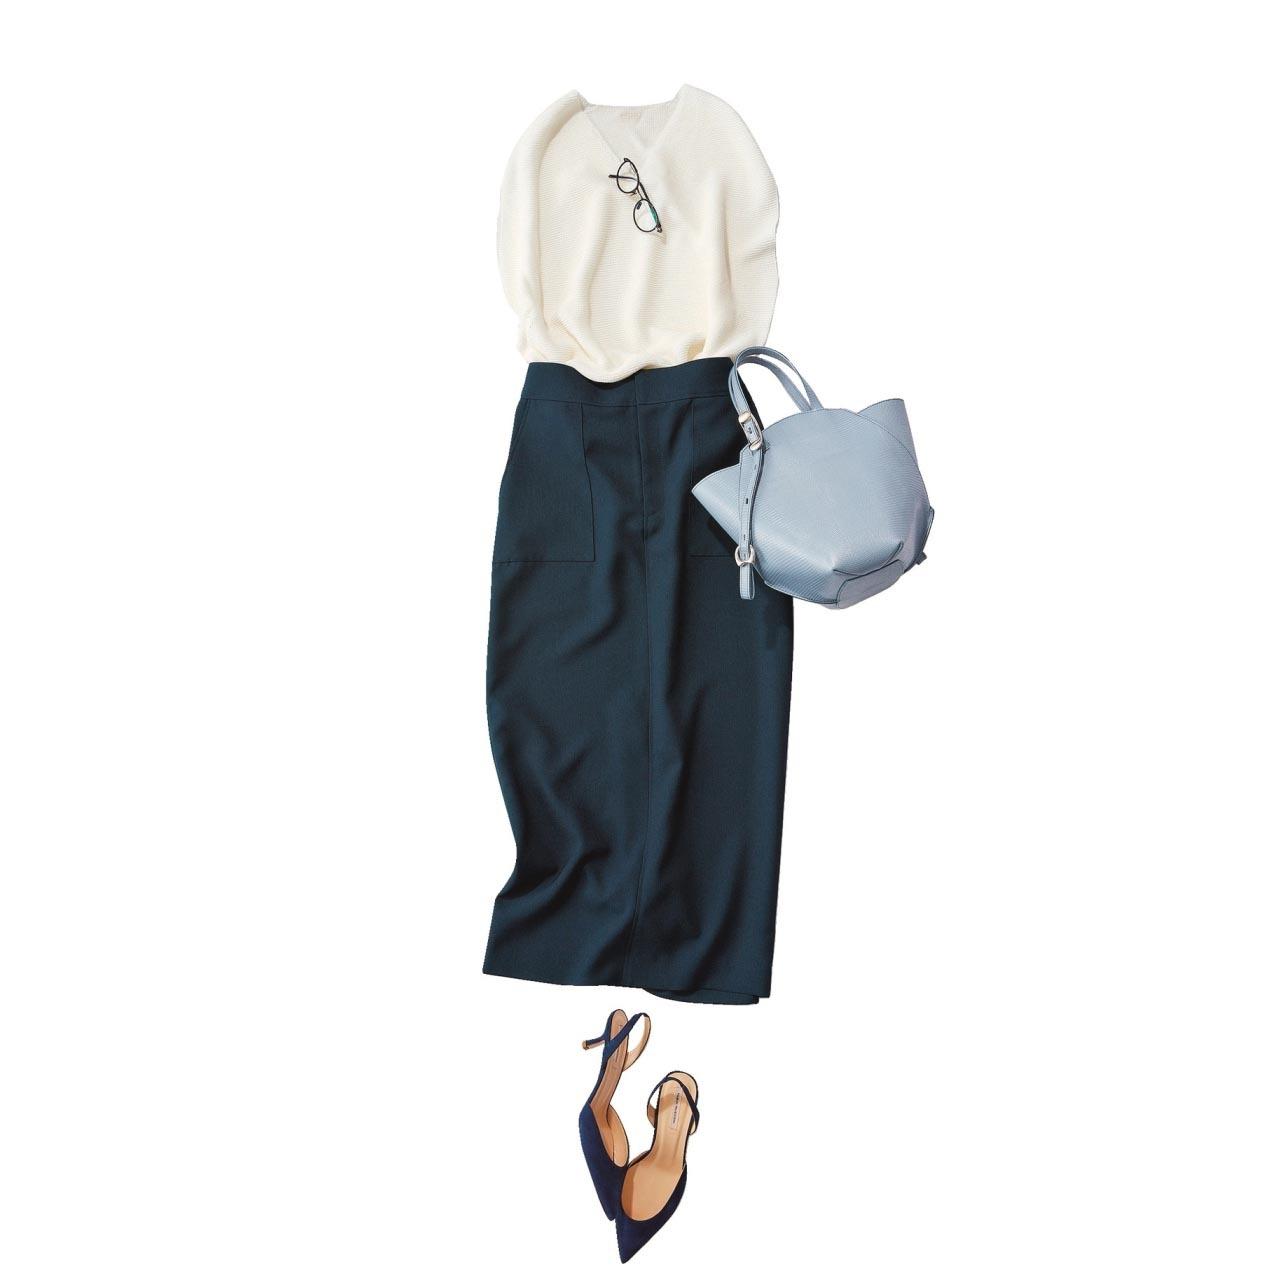 ■白ニット×ネイビーのタイトスカートコーデ